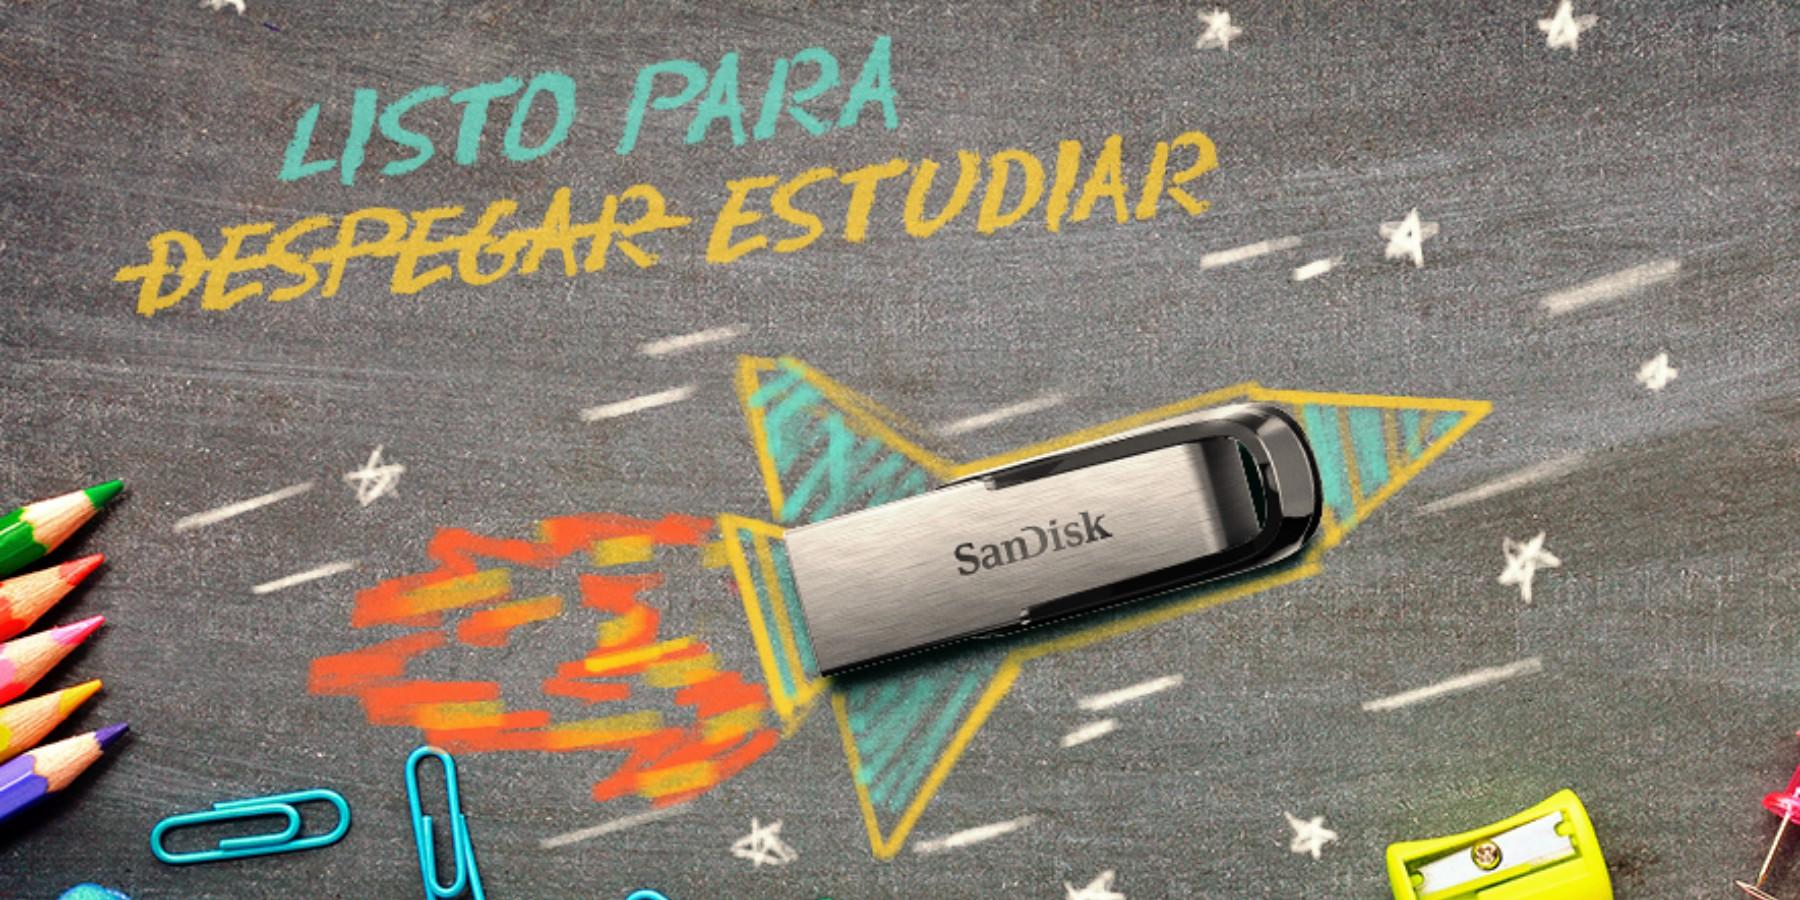 Con el USB SanDisk Ultra Flair 3.0 el regreso a clases es más fácil